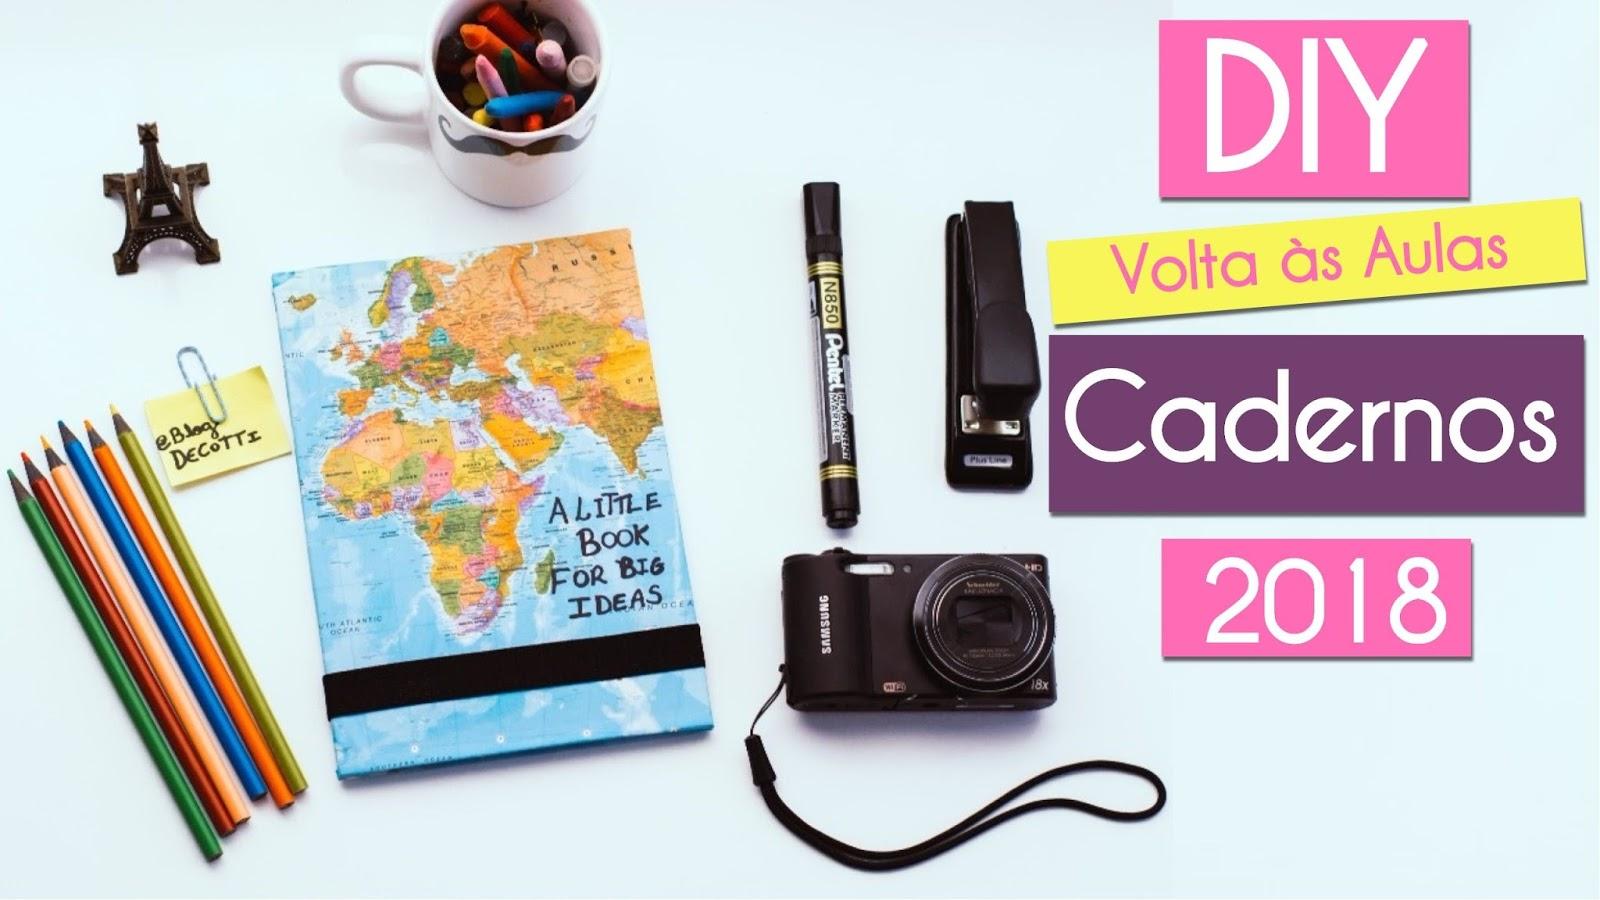 Como fazer Cadernos Personalizados para Volta às Aulas | Material Escolar 2018